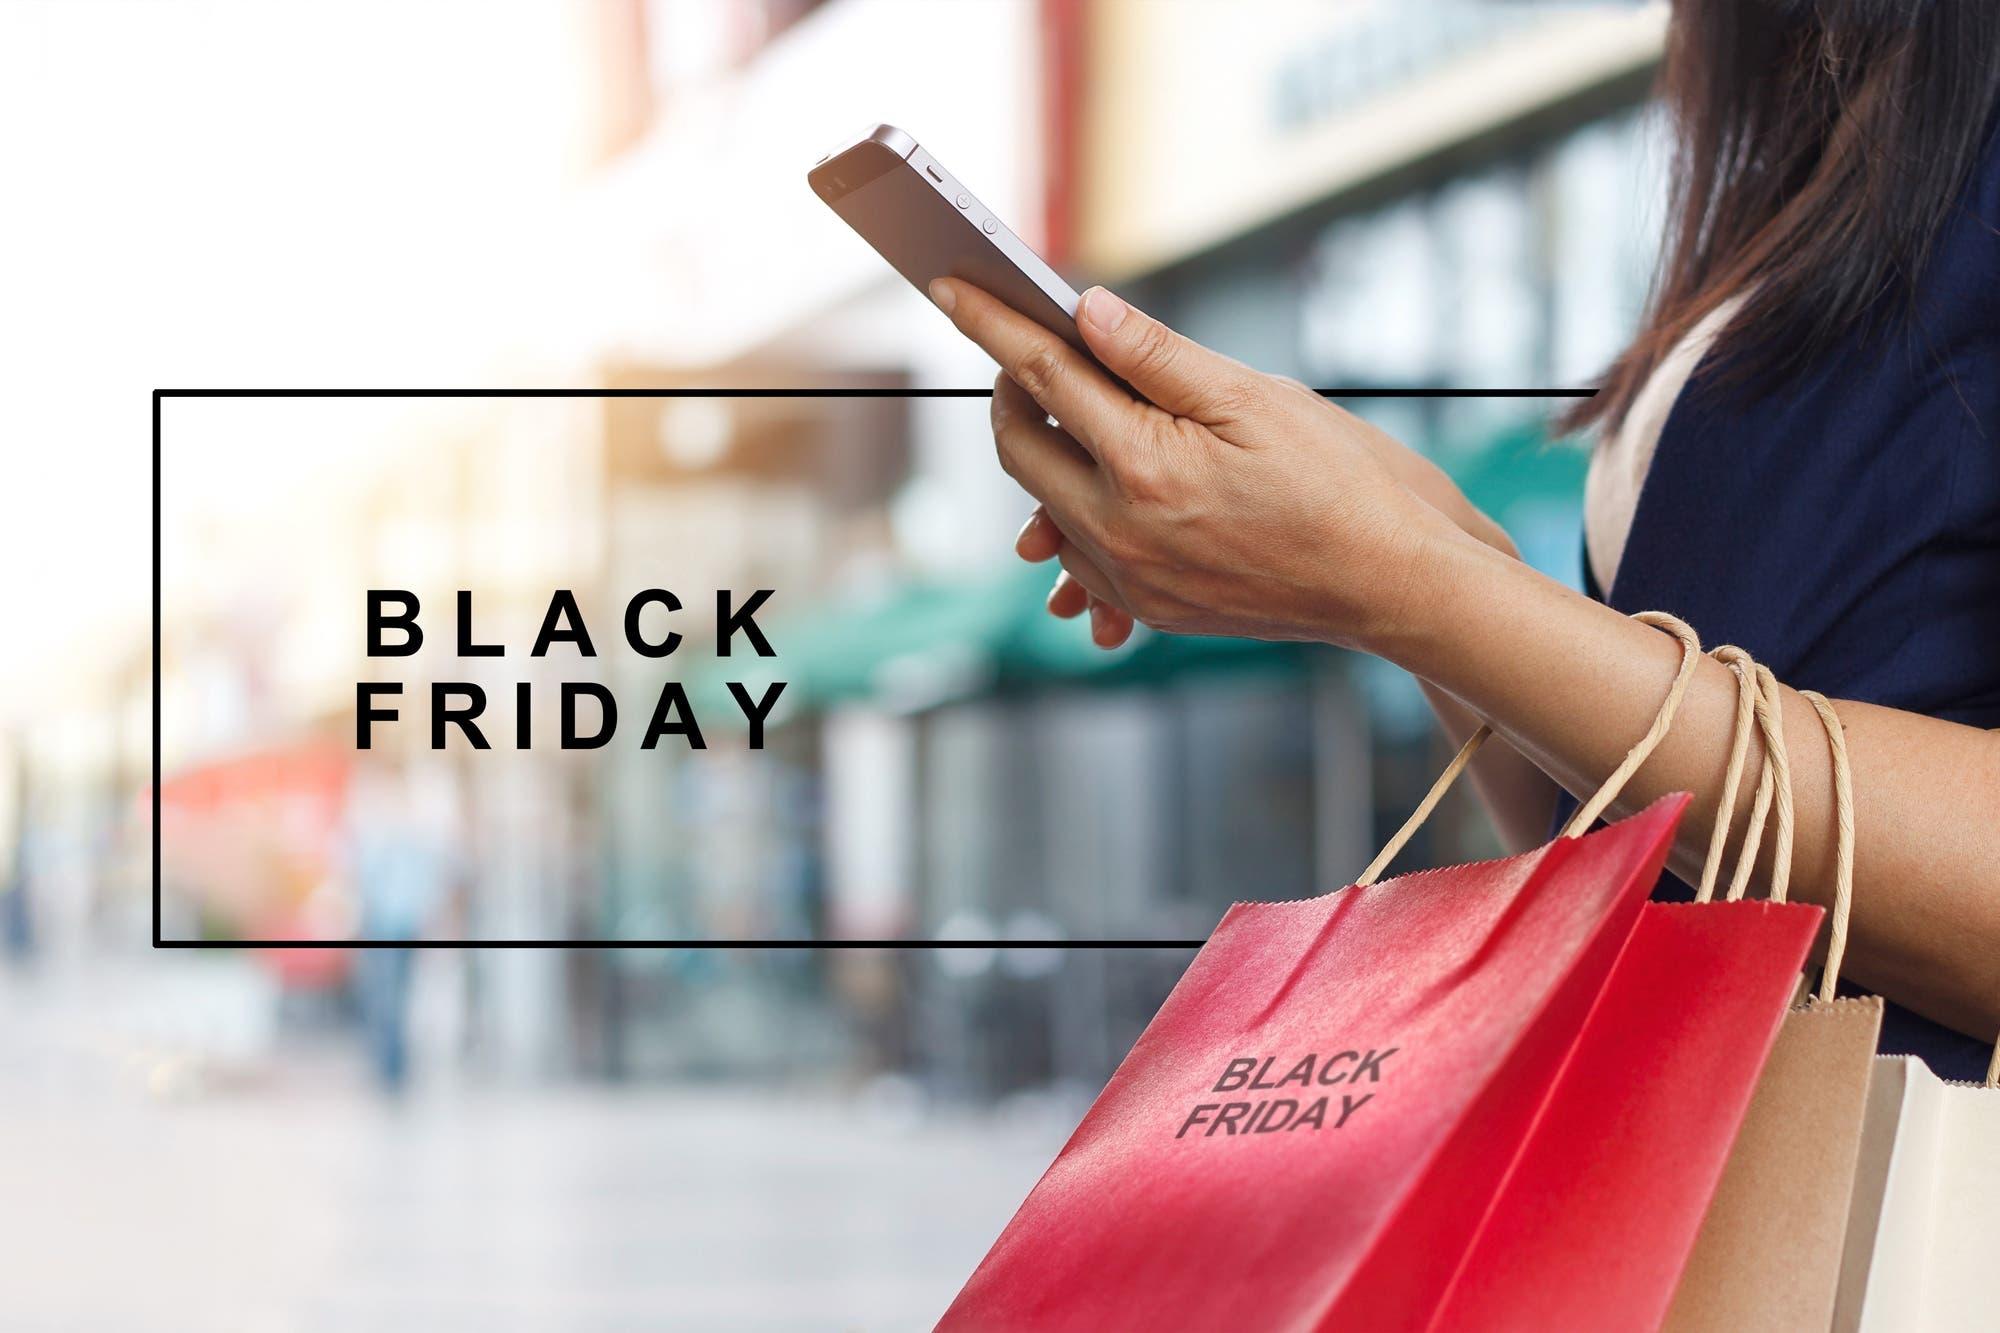 Black Friday: cómo acceder a las ofertas en sitios locales e internacionales